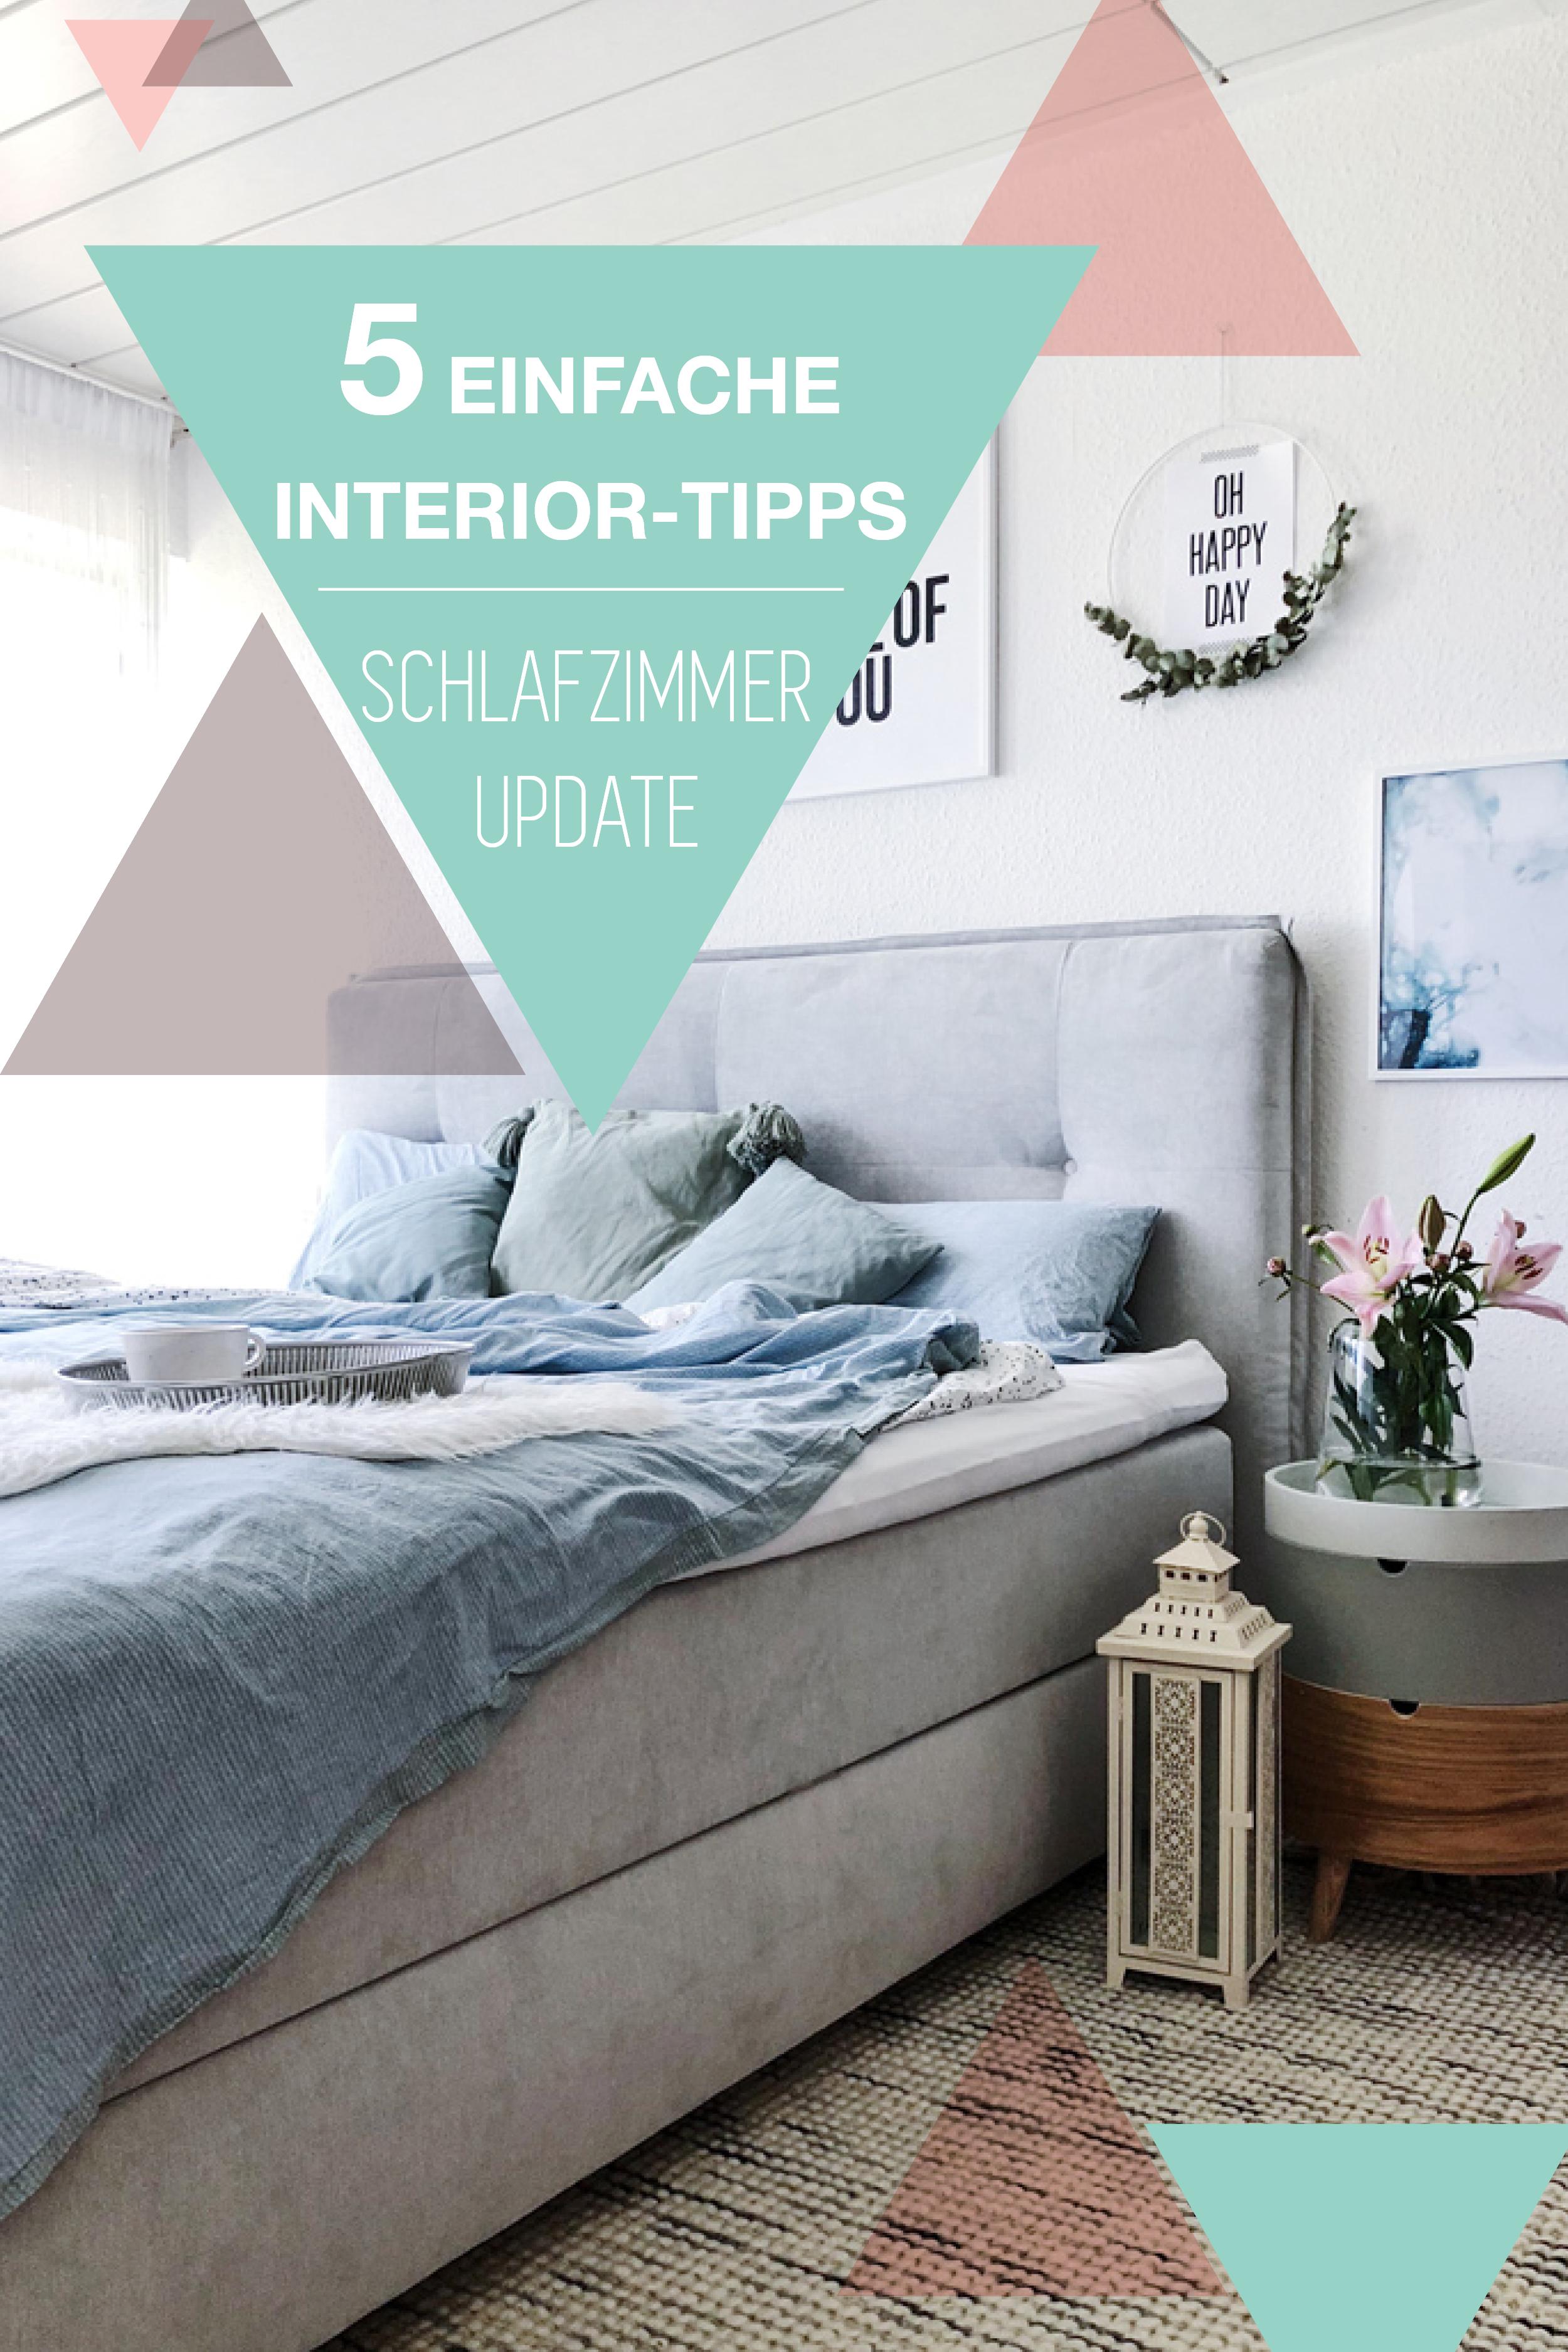 Schlafzimmer Einrichten Mit Einfachen Ideen Und Inspiration, Wie Du Dein  Schlafzimmer Gemütlicher Einrichten Kannst.